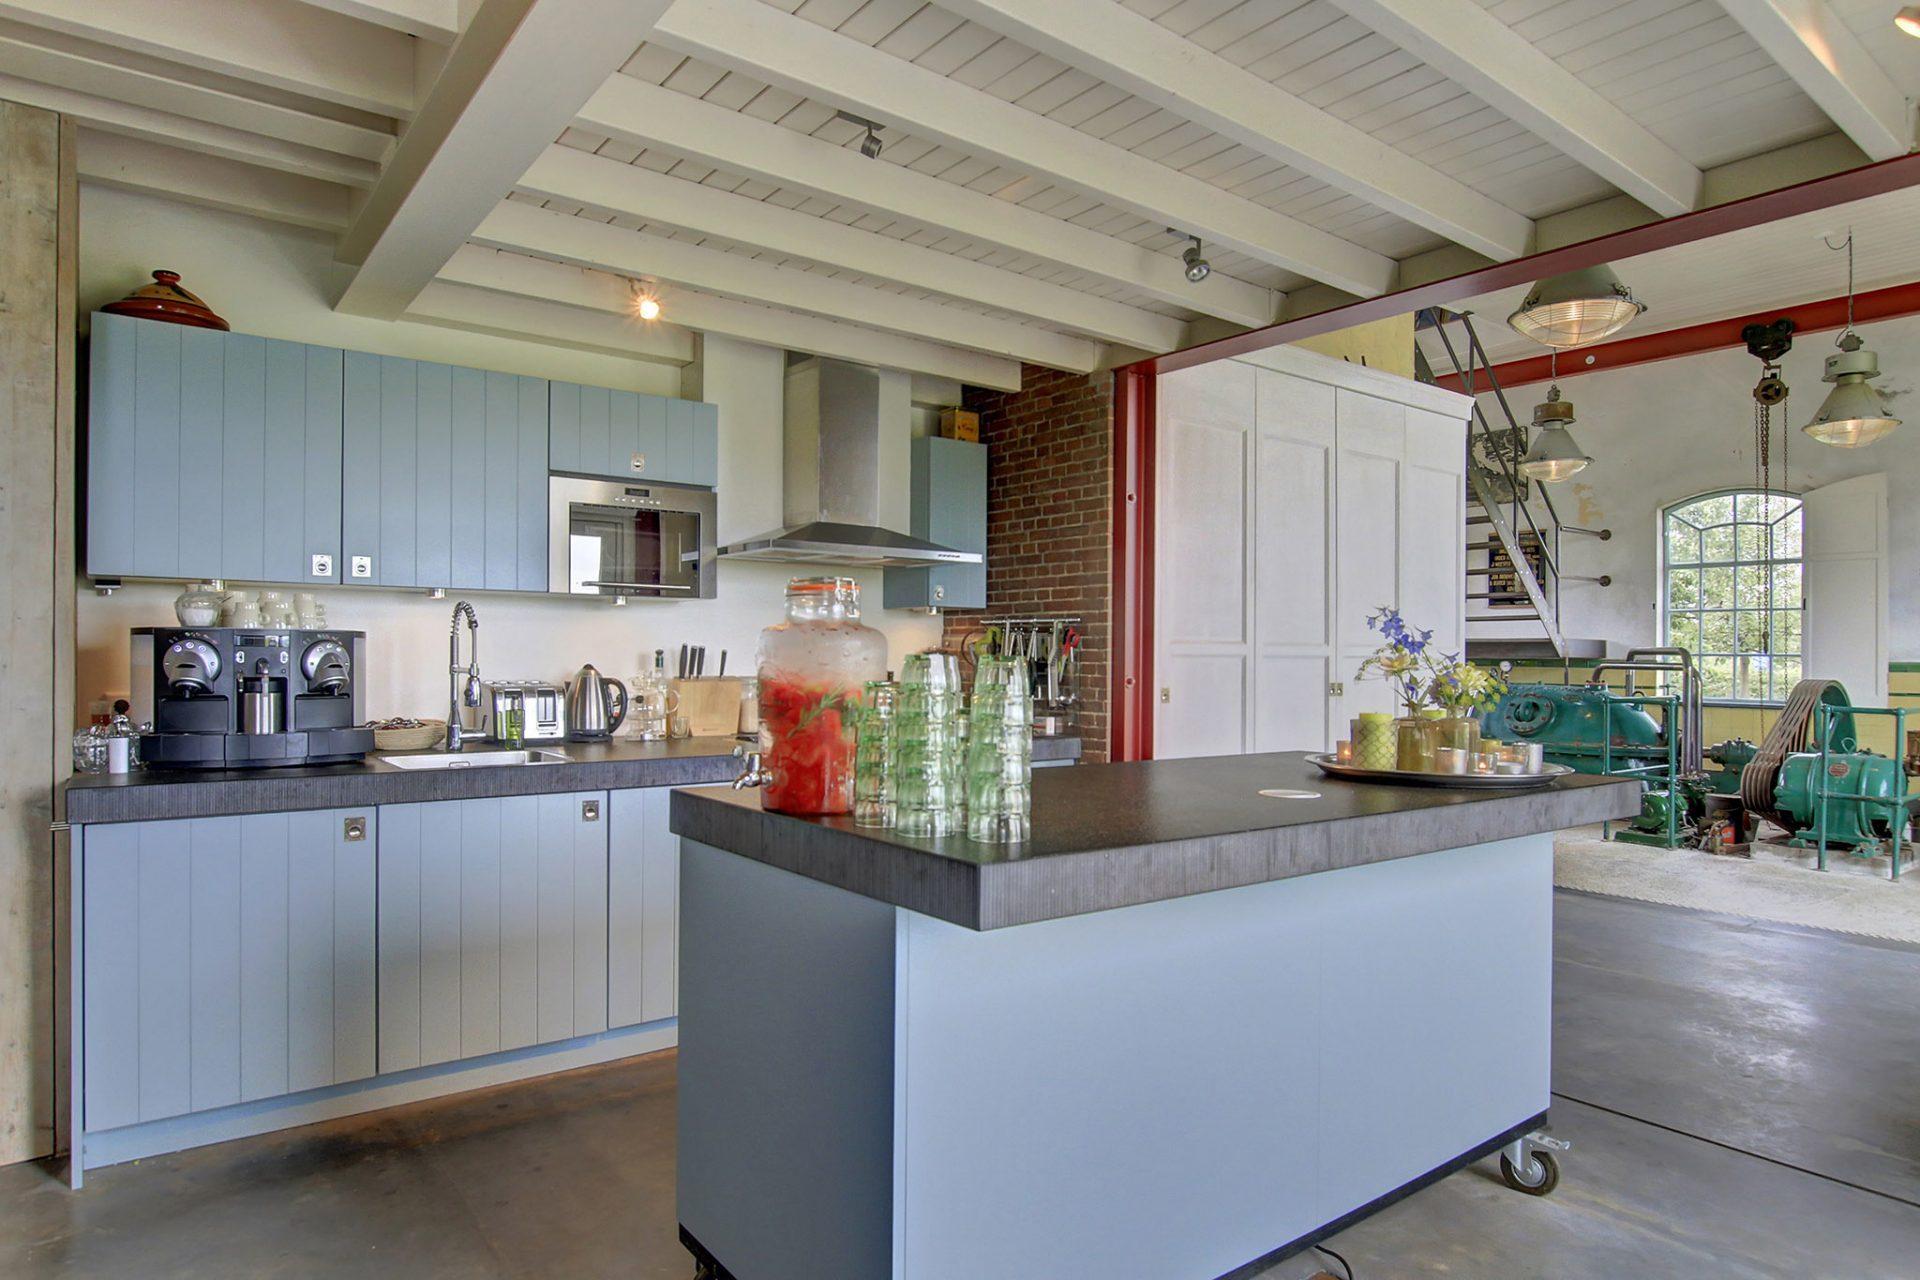 Kleinschalige vergaderlocatie met volledig ingerichte keuken - en kok op verzoek